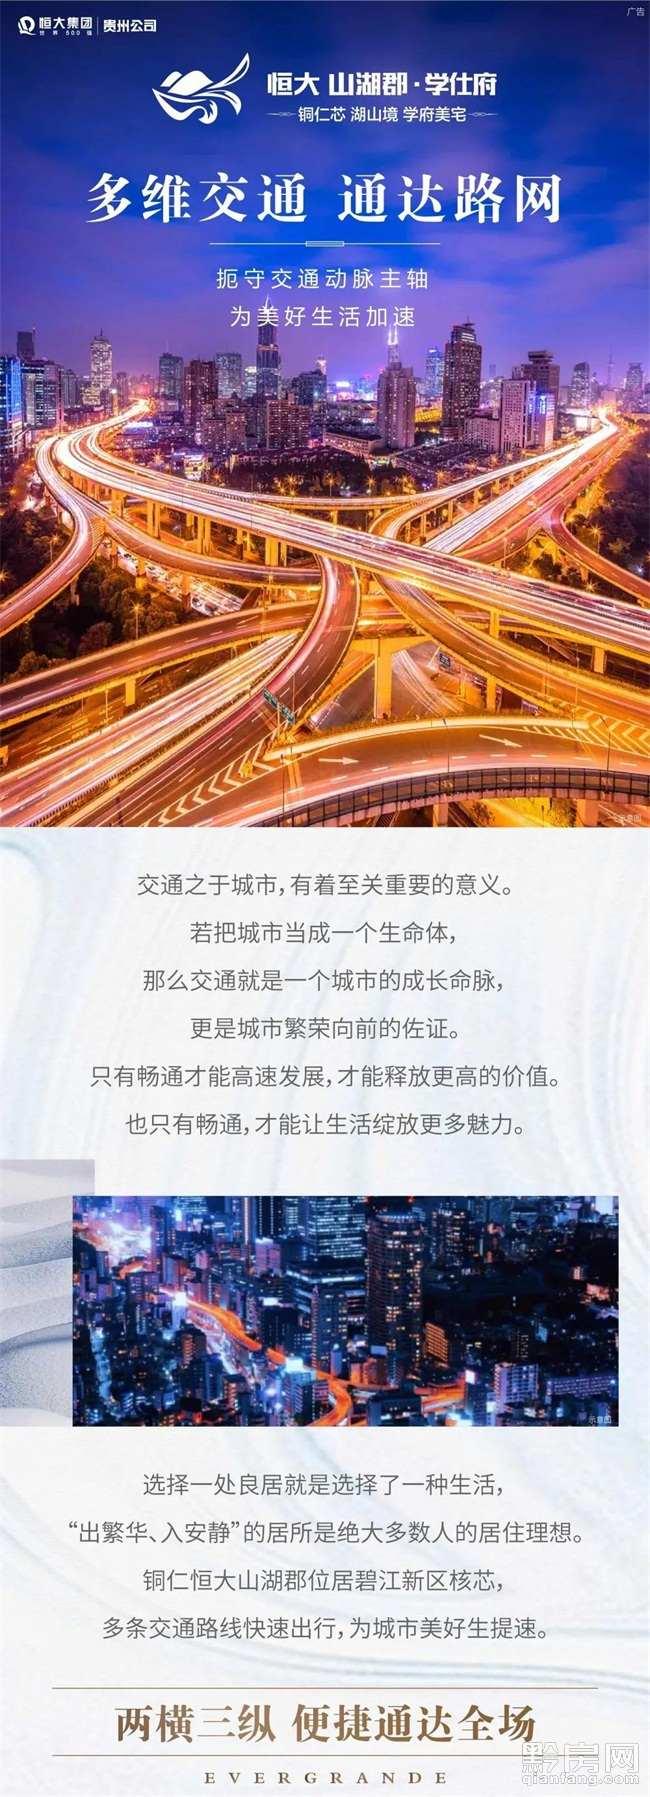 微信图片_20201216095109.jpg